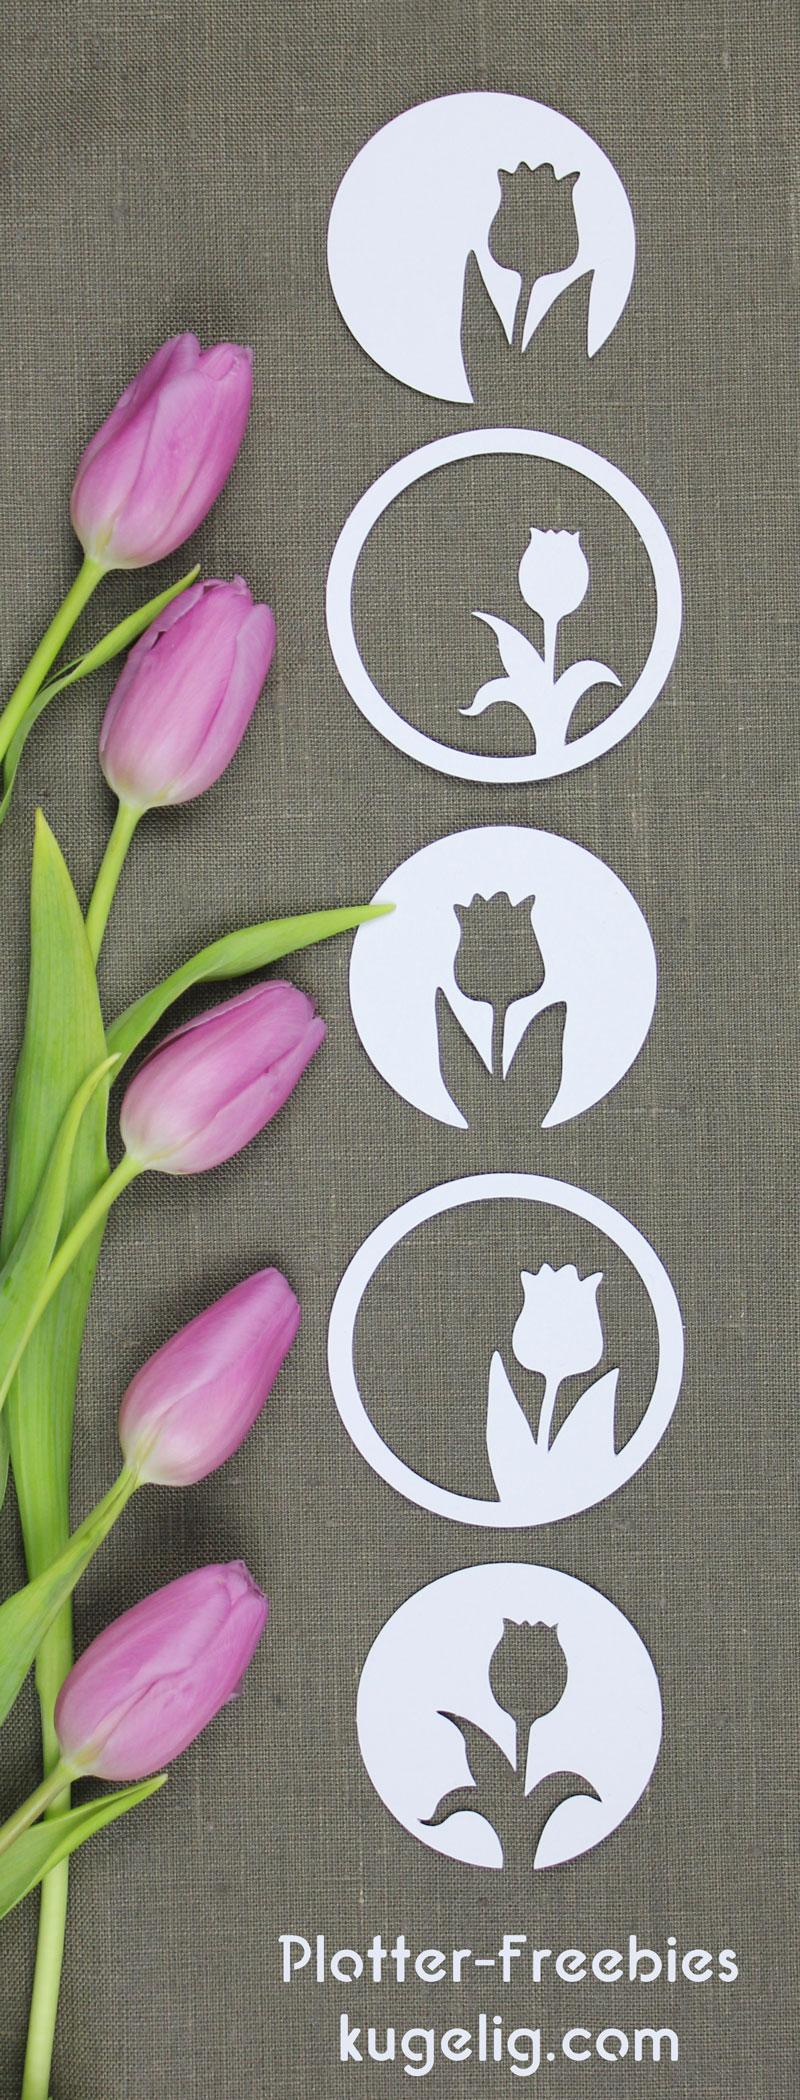 Geplottete Frühlings-Dekoration in meinem Stil: geometrisch & schnörkellos.